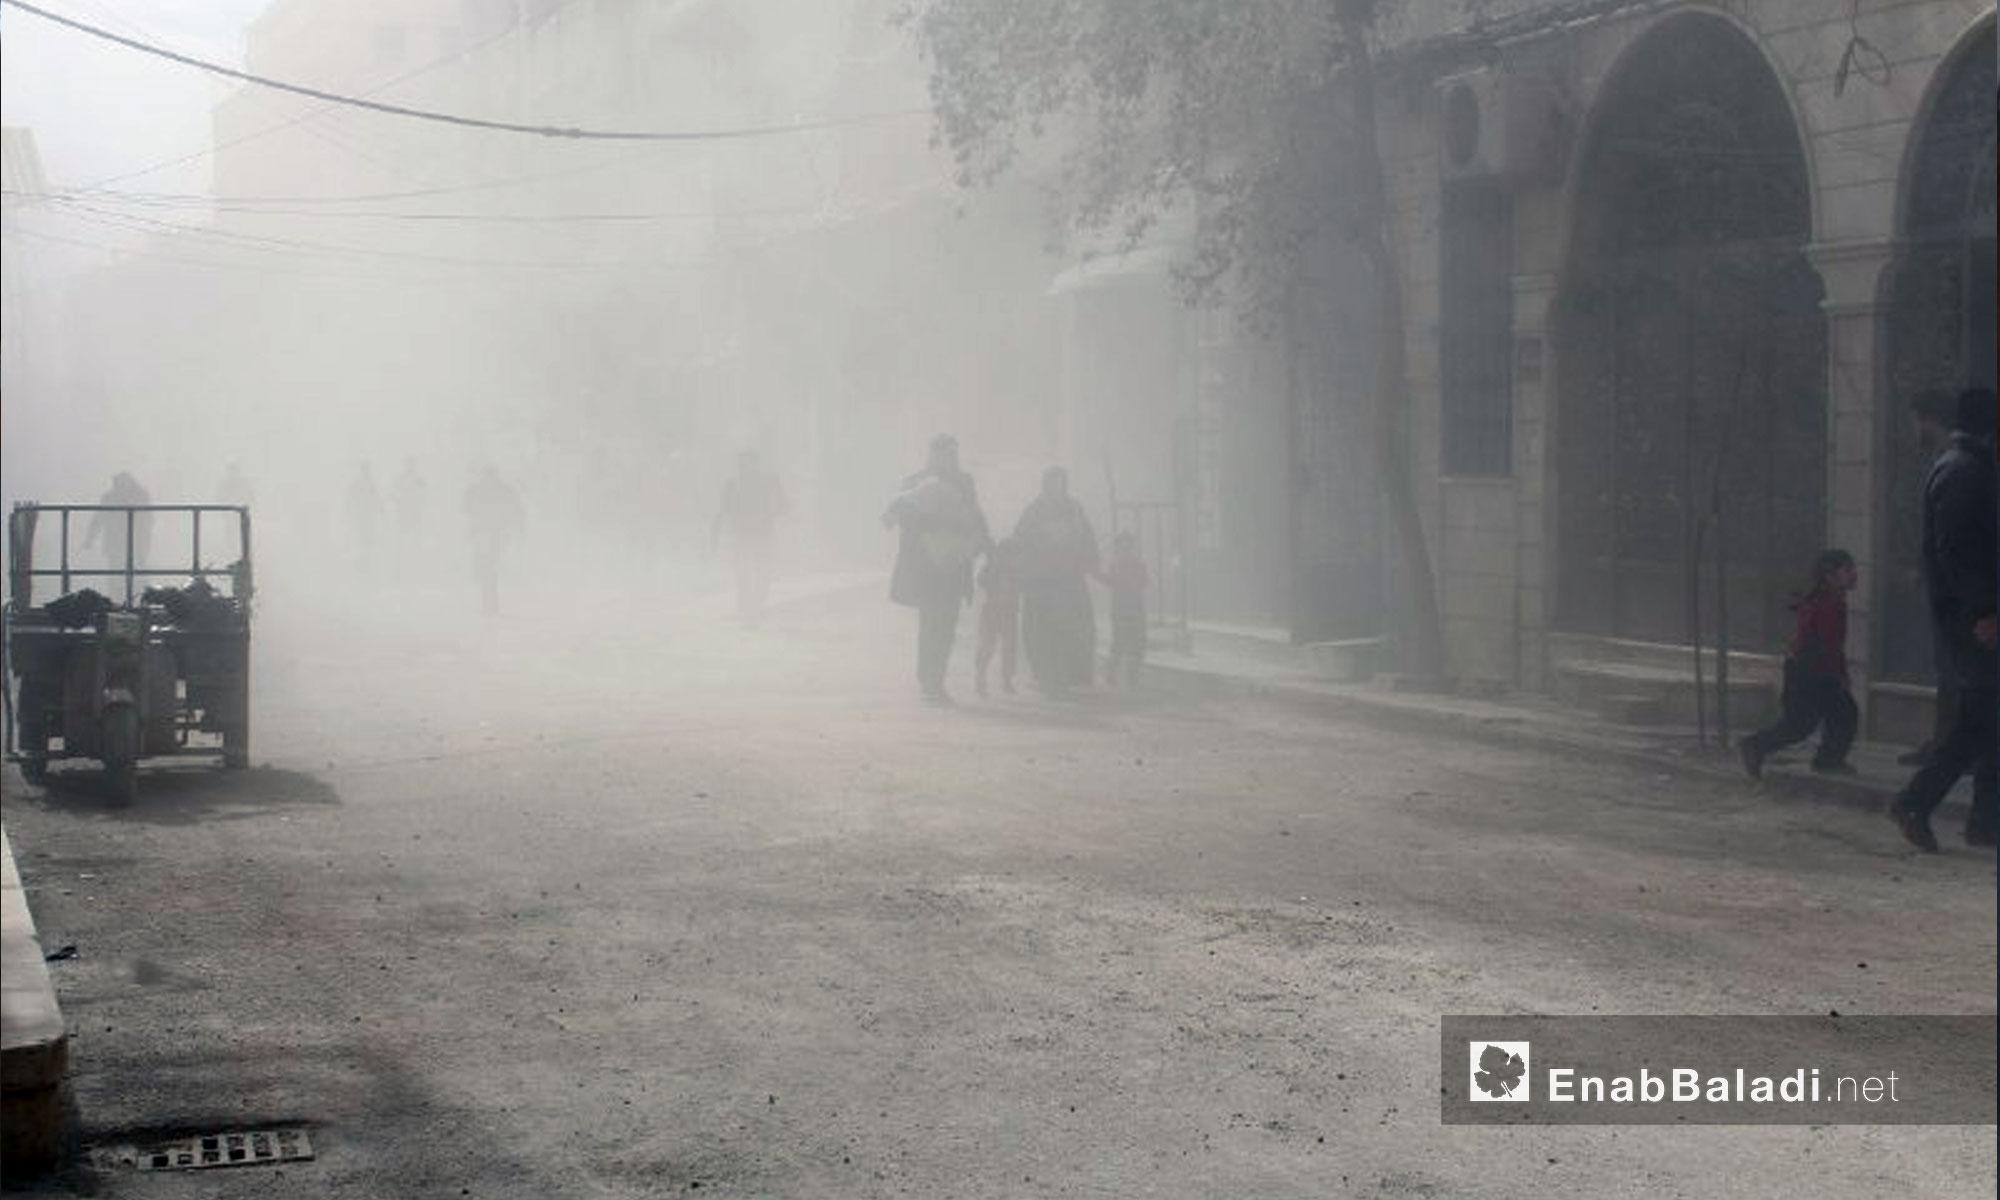 قصف بالطيران الحربي على بلدة حمورية في الغوطة الشرقية - 6 شباط 2018 (عنب بلدي)